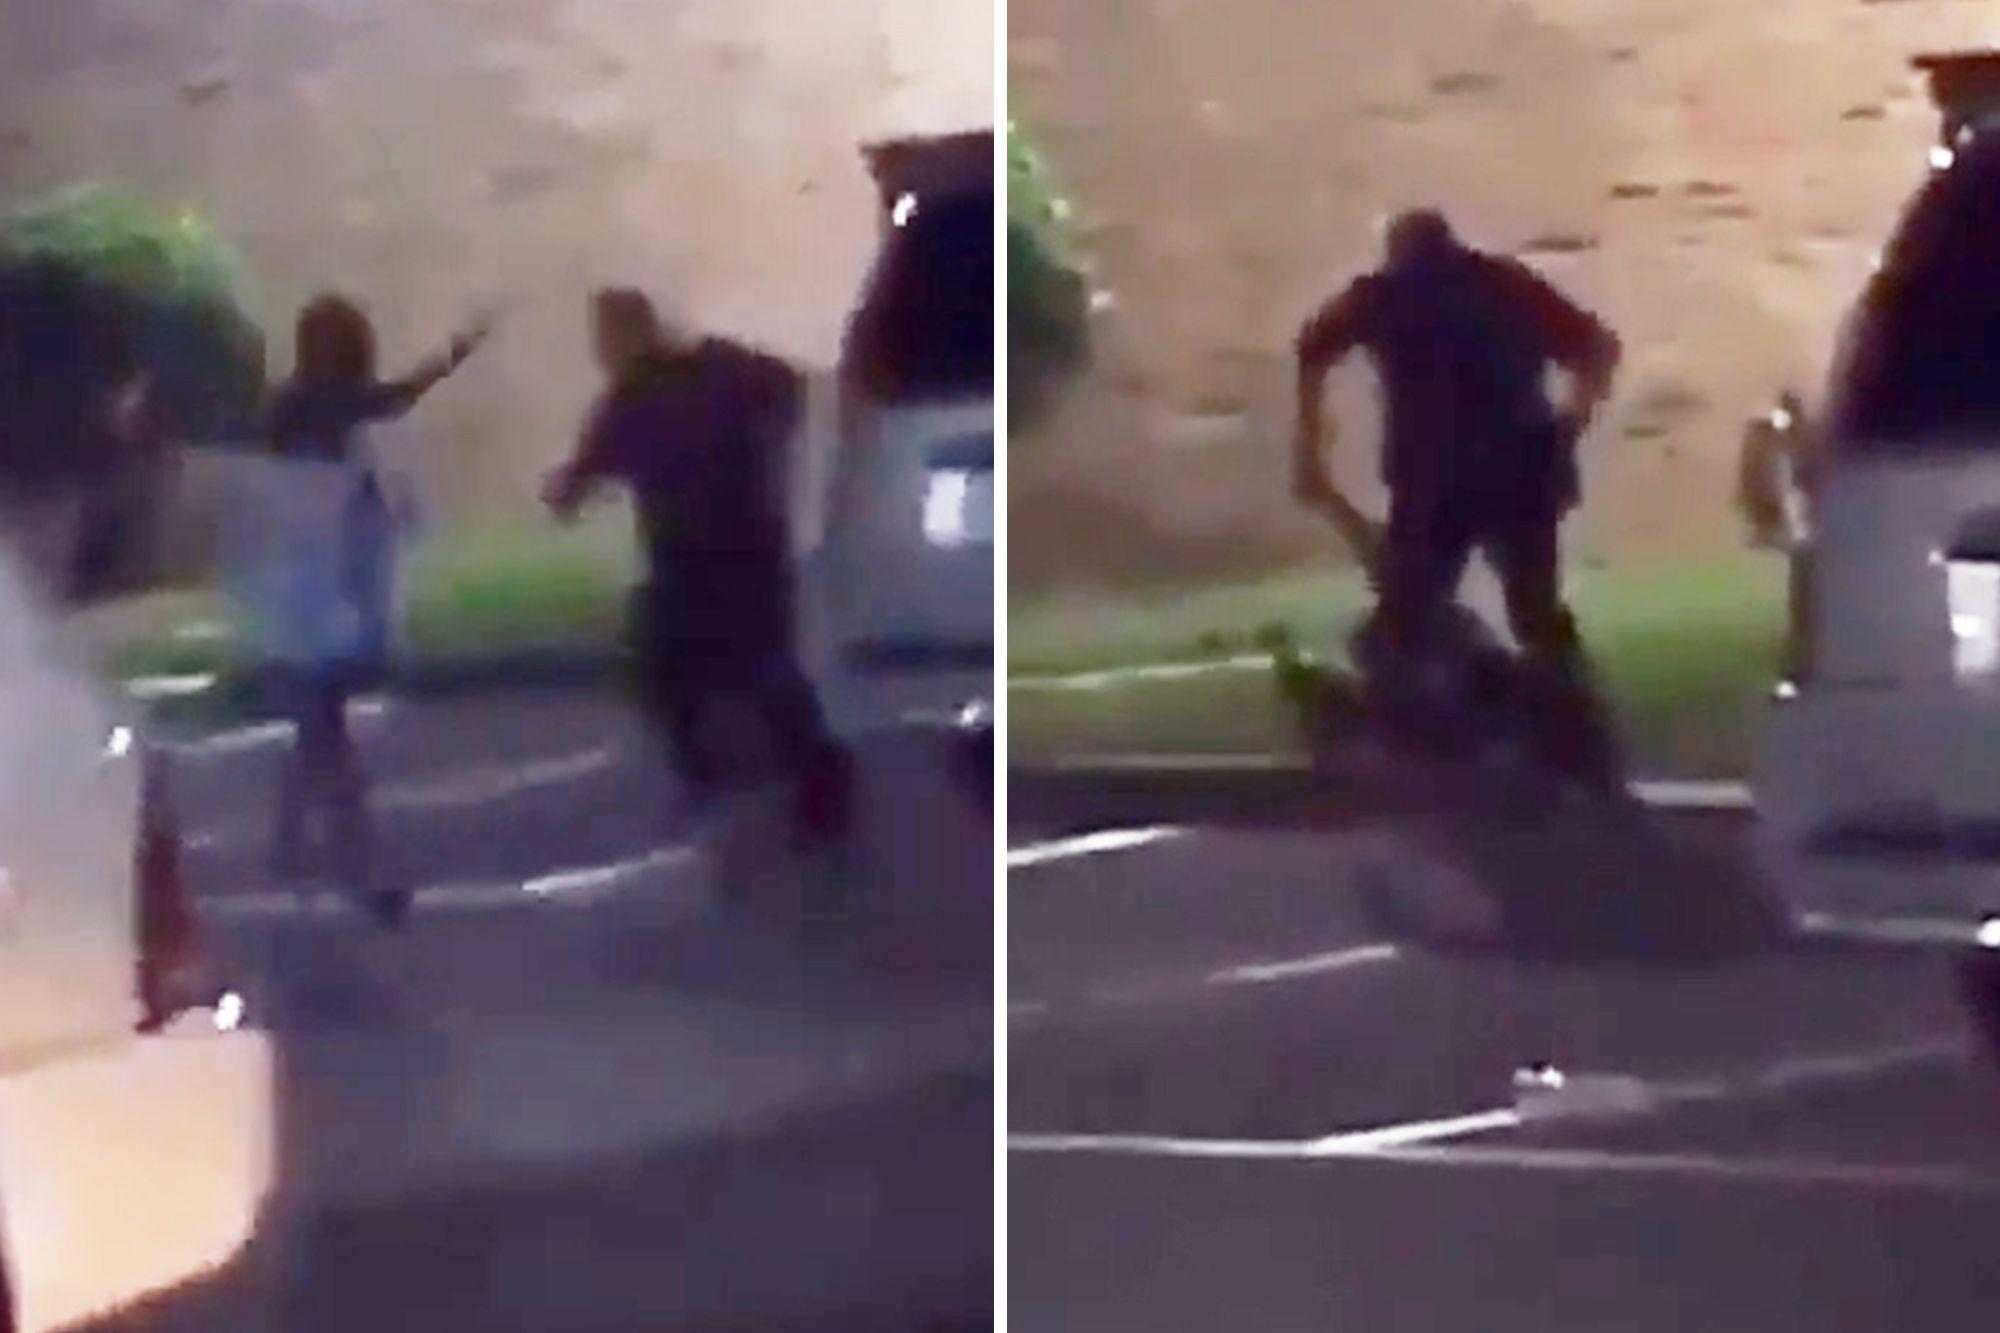 زنی که فریاد میزد «باردار هستم» به ضرب گلوله پلیس آمریکا کشته شد